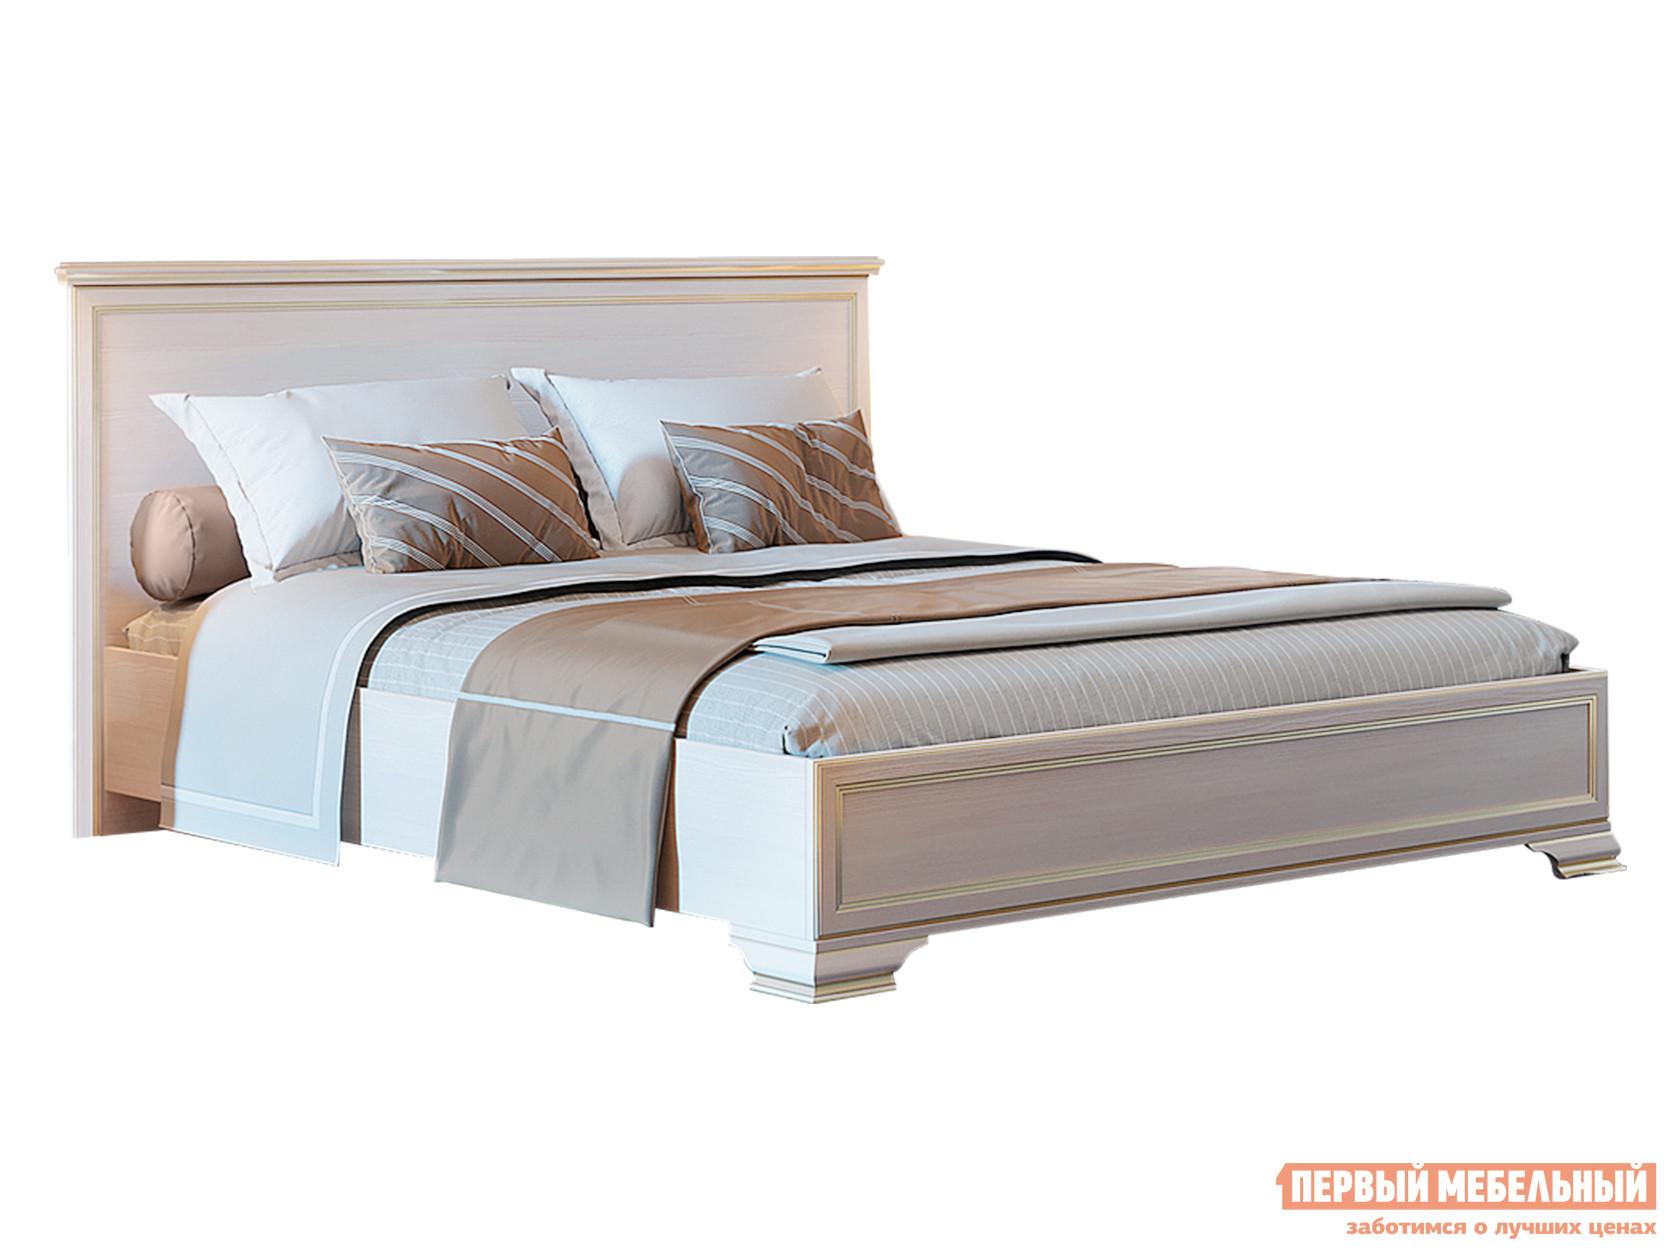 Двуспальная кровать Первый Мебельный Кровать с подъемным механизмом Сиена